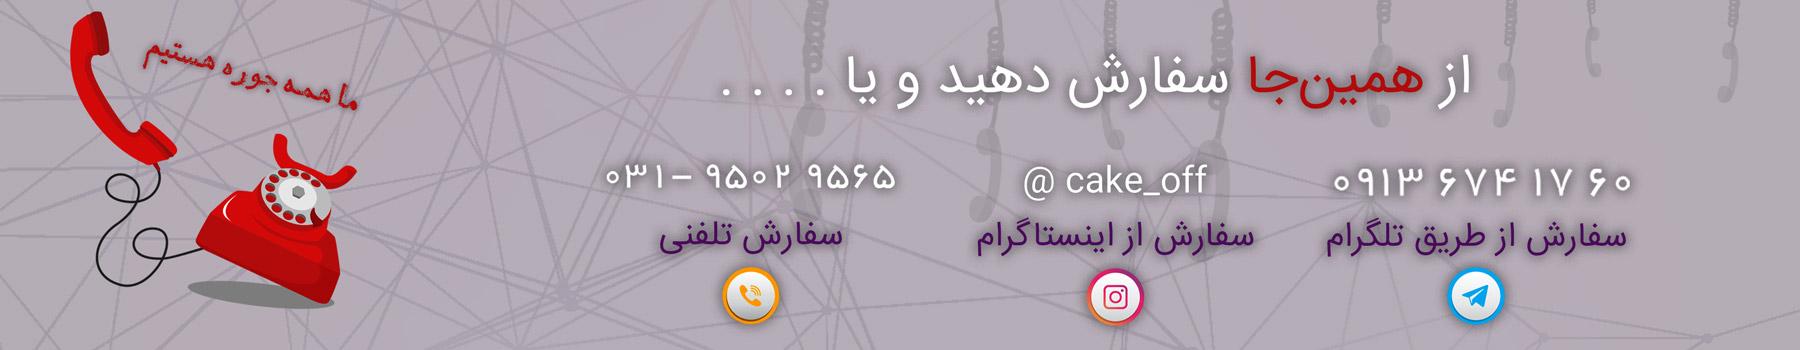 سفارش کیک از طریق تلفن | تلگرام | اینستاگرام